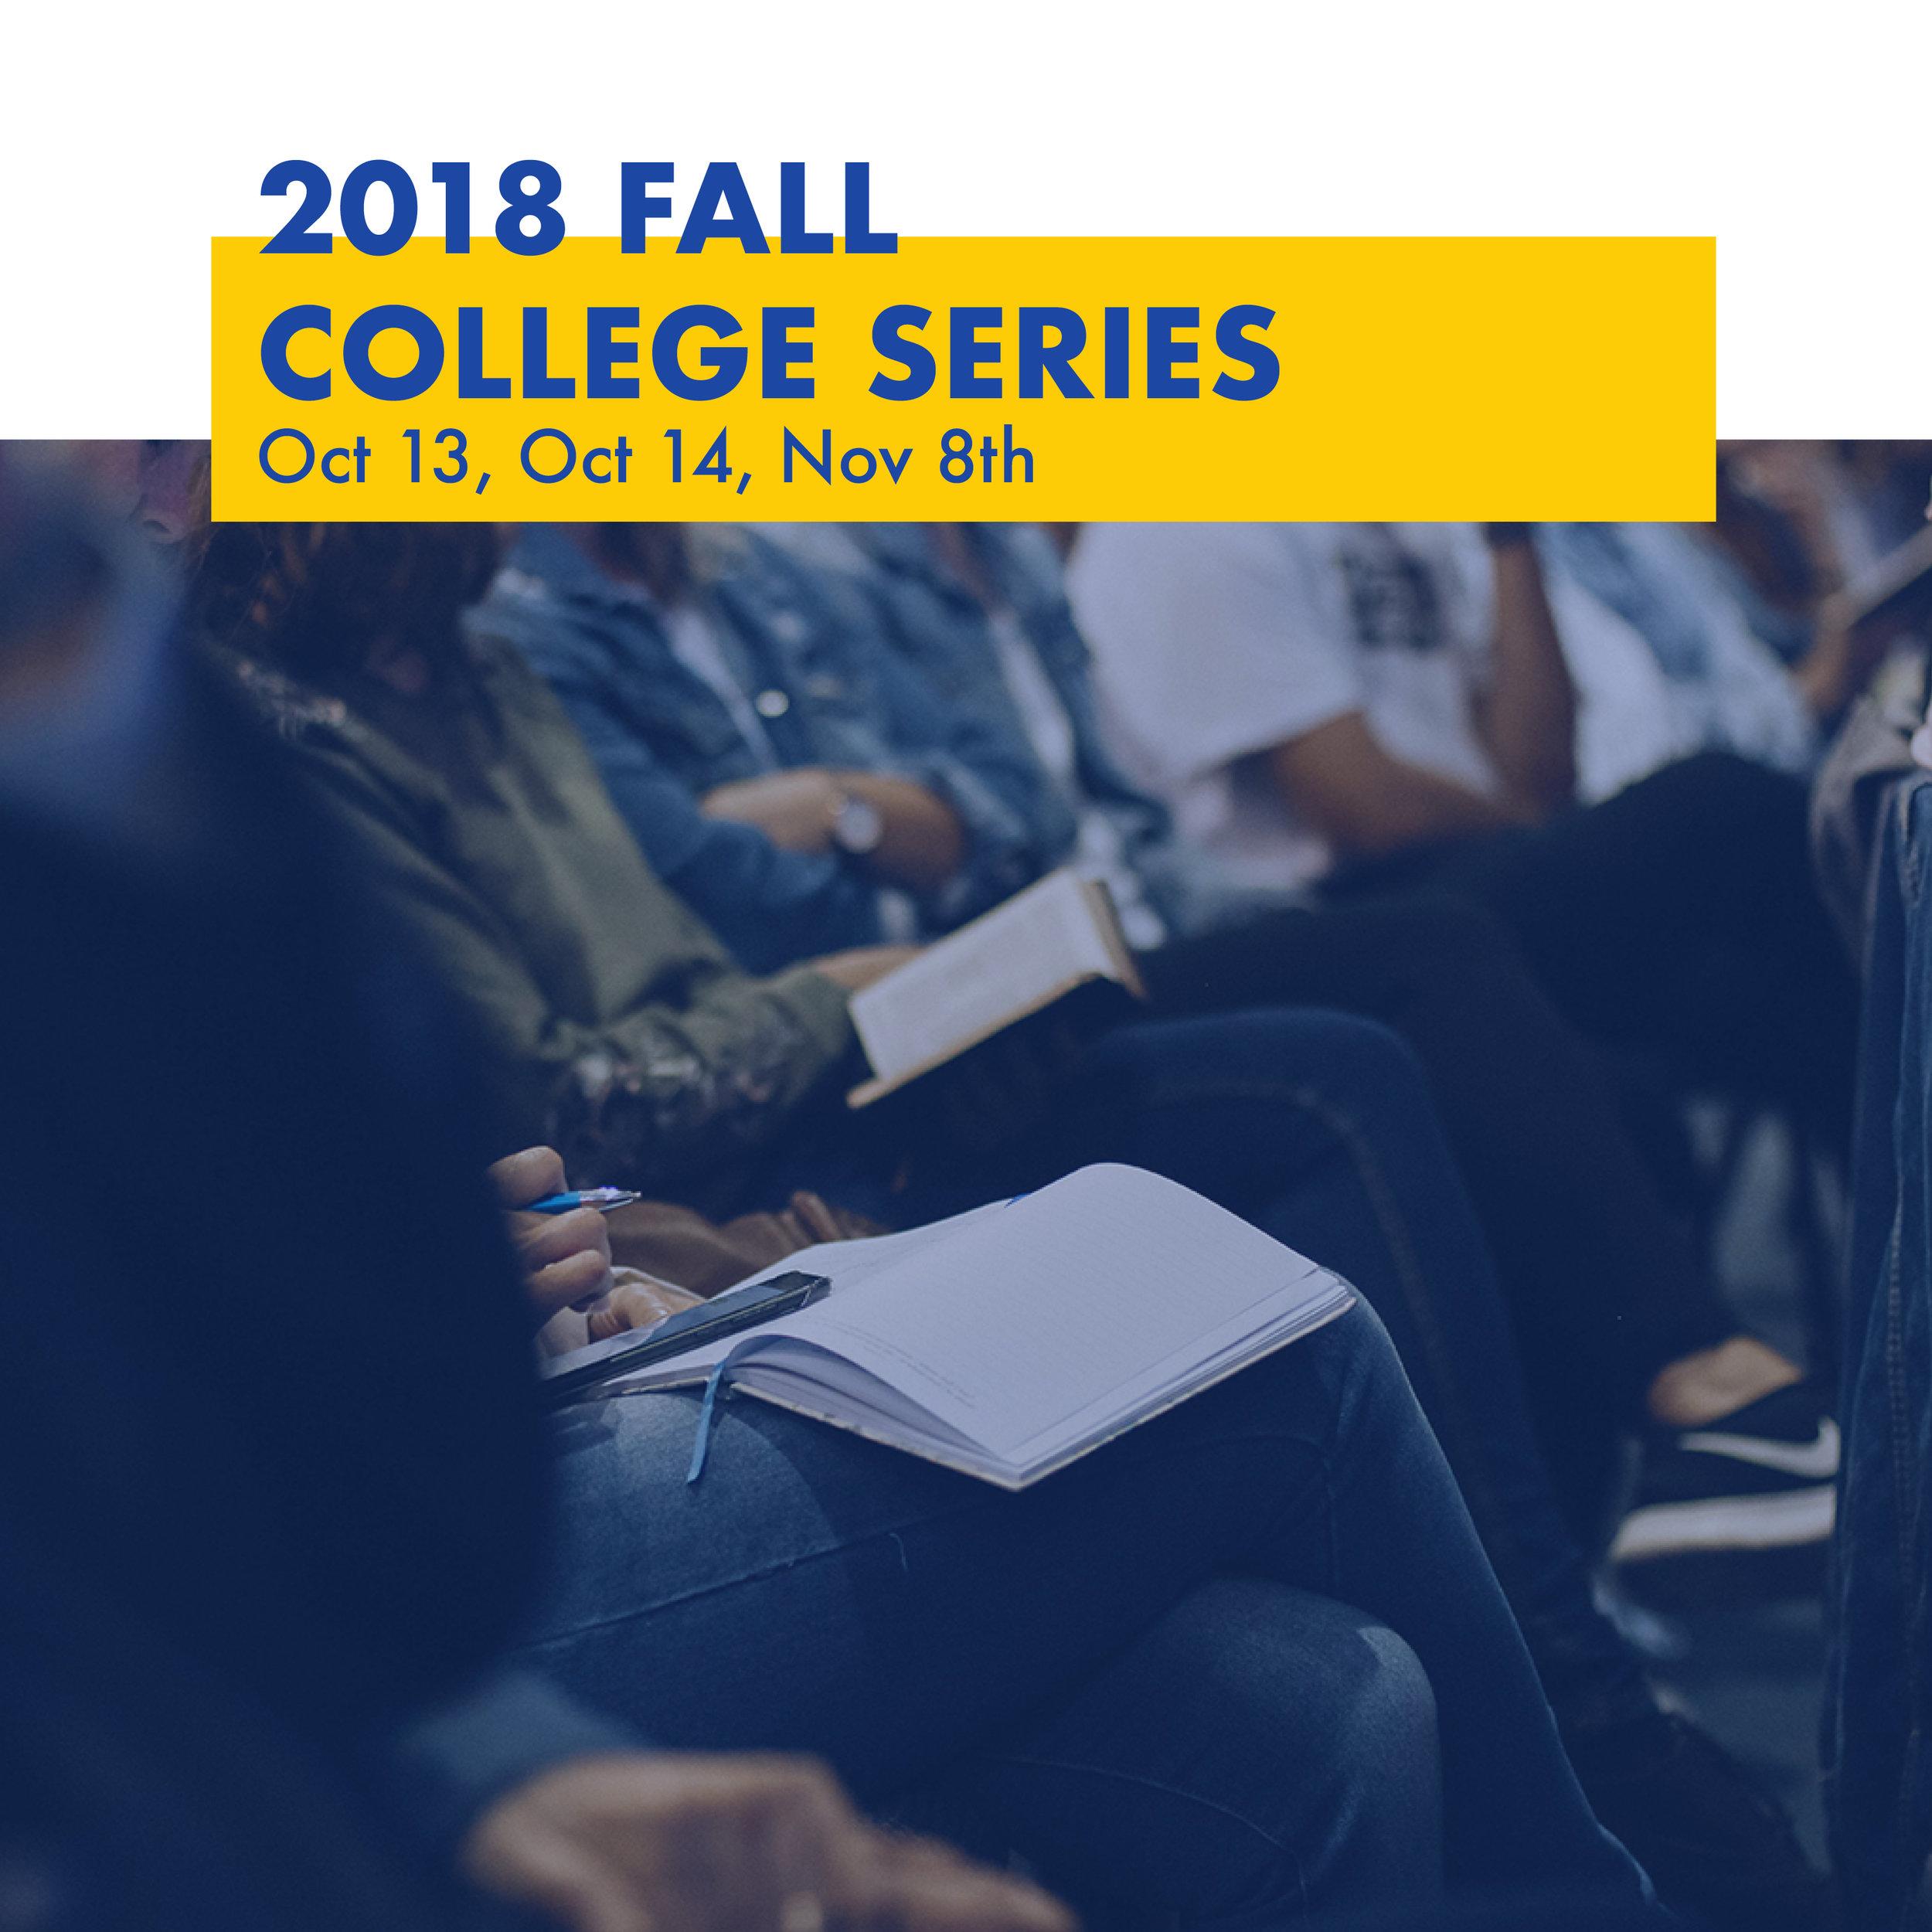 West-Angeles-Education-Enrichment-Program-College-Fair-Series-2018.jpg